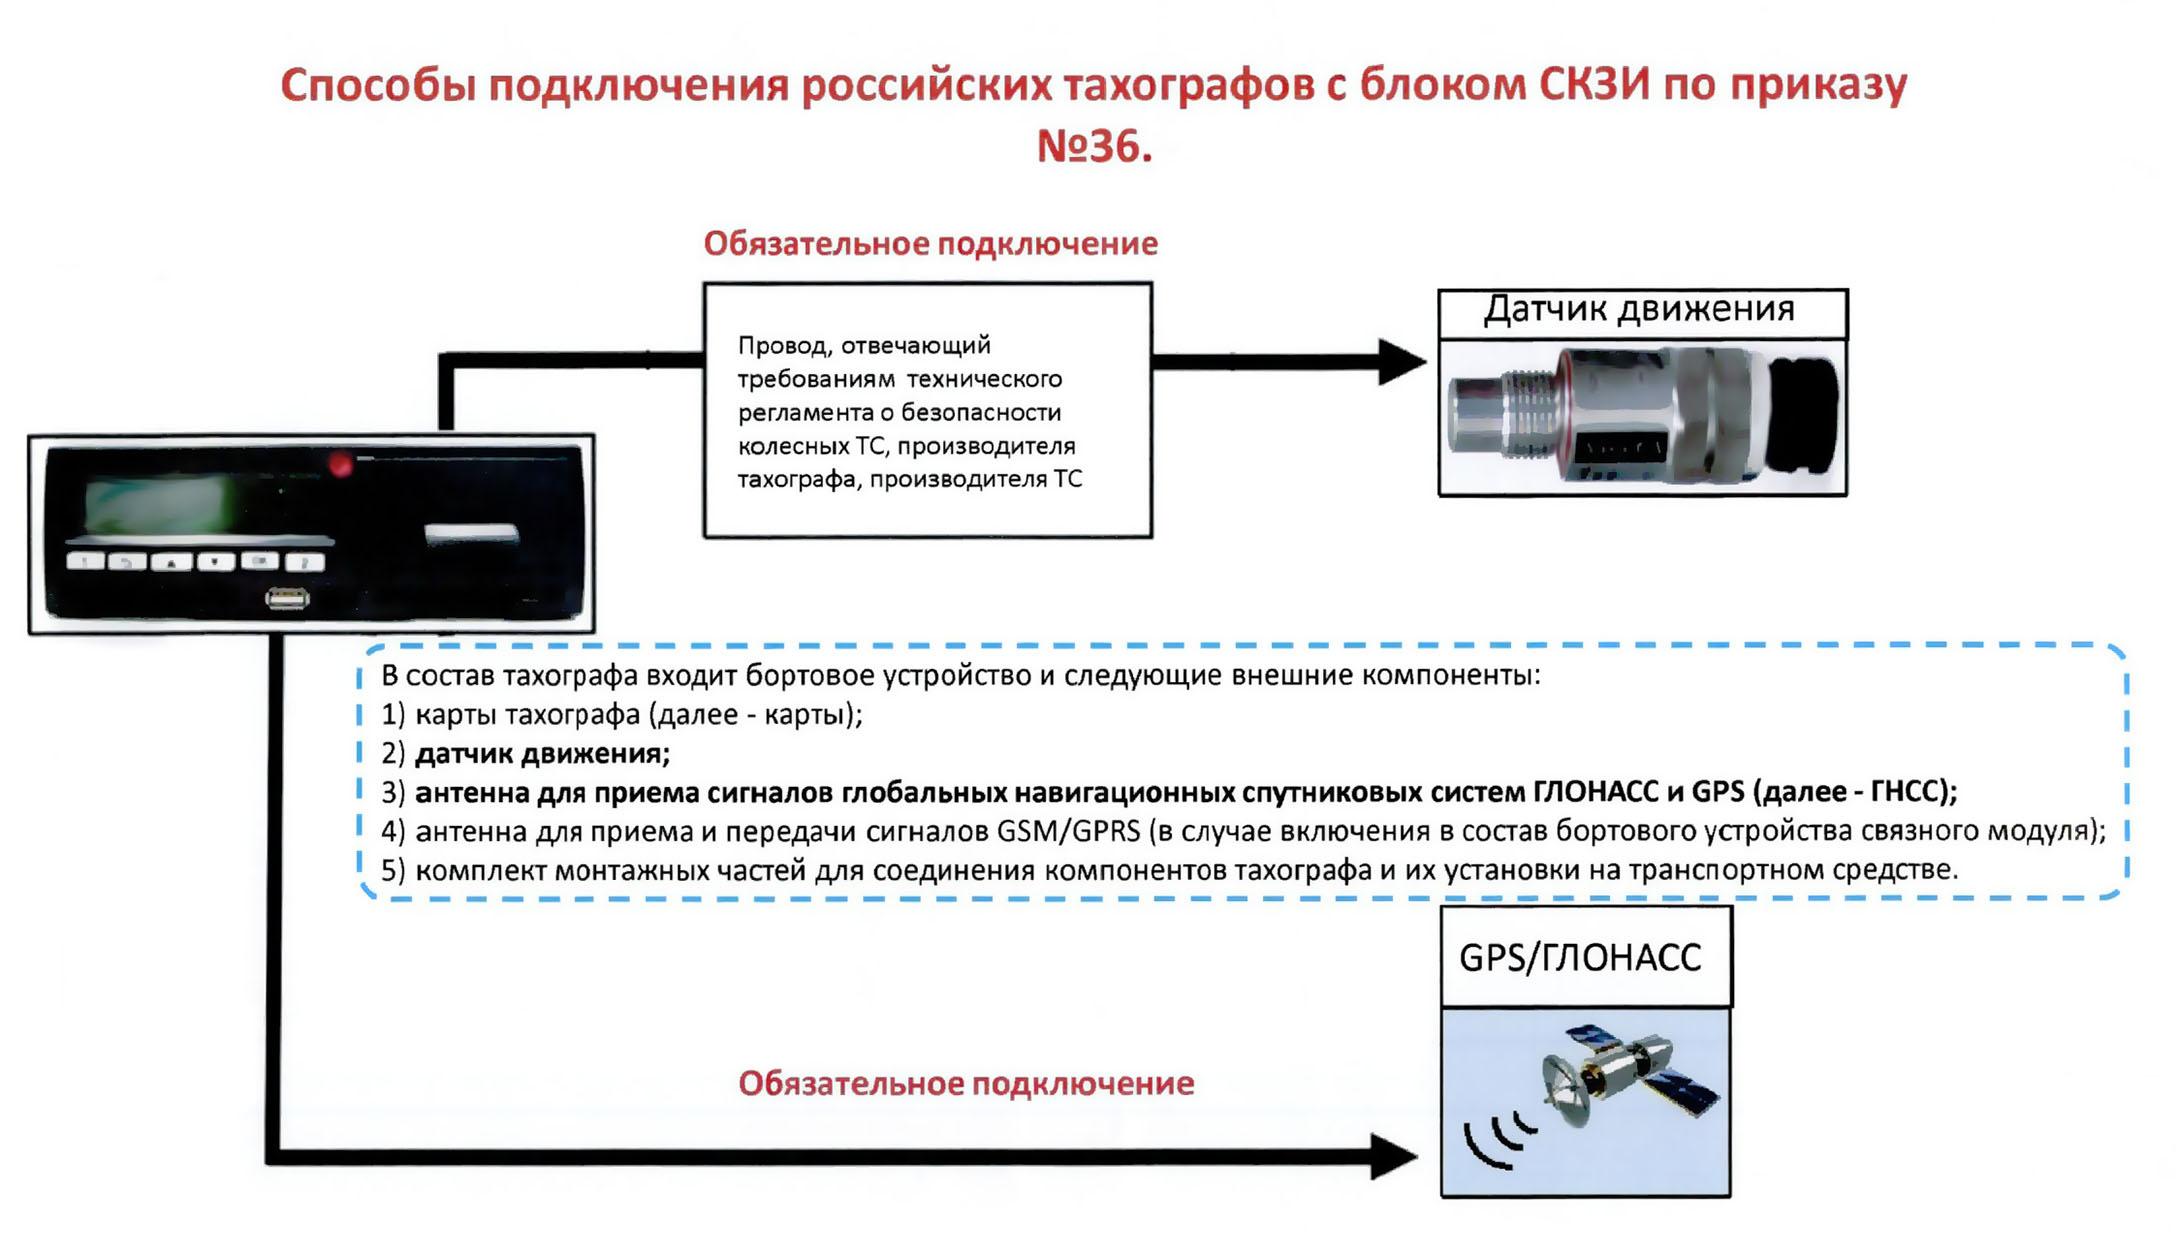 подключение российских тахографов с блоком скзи